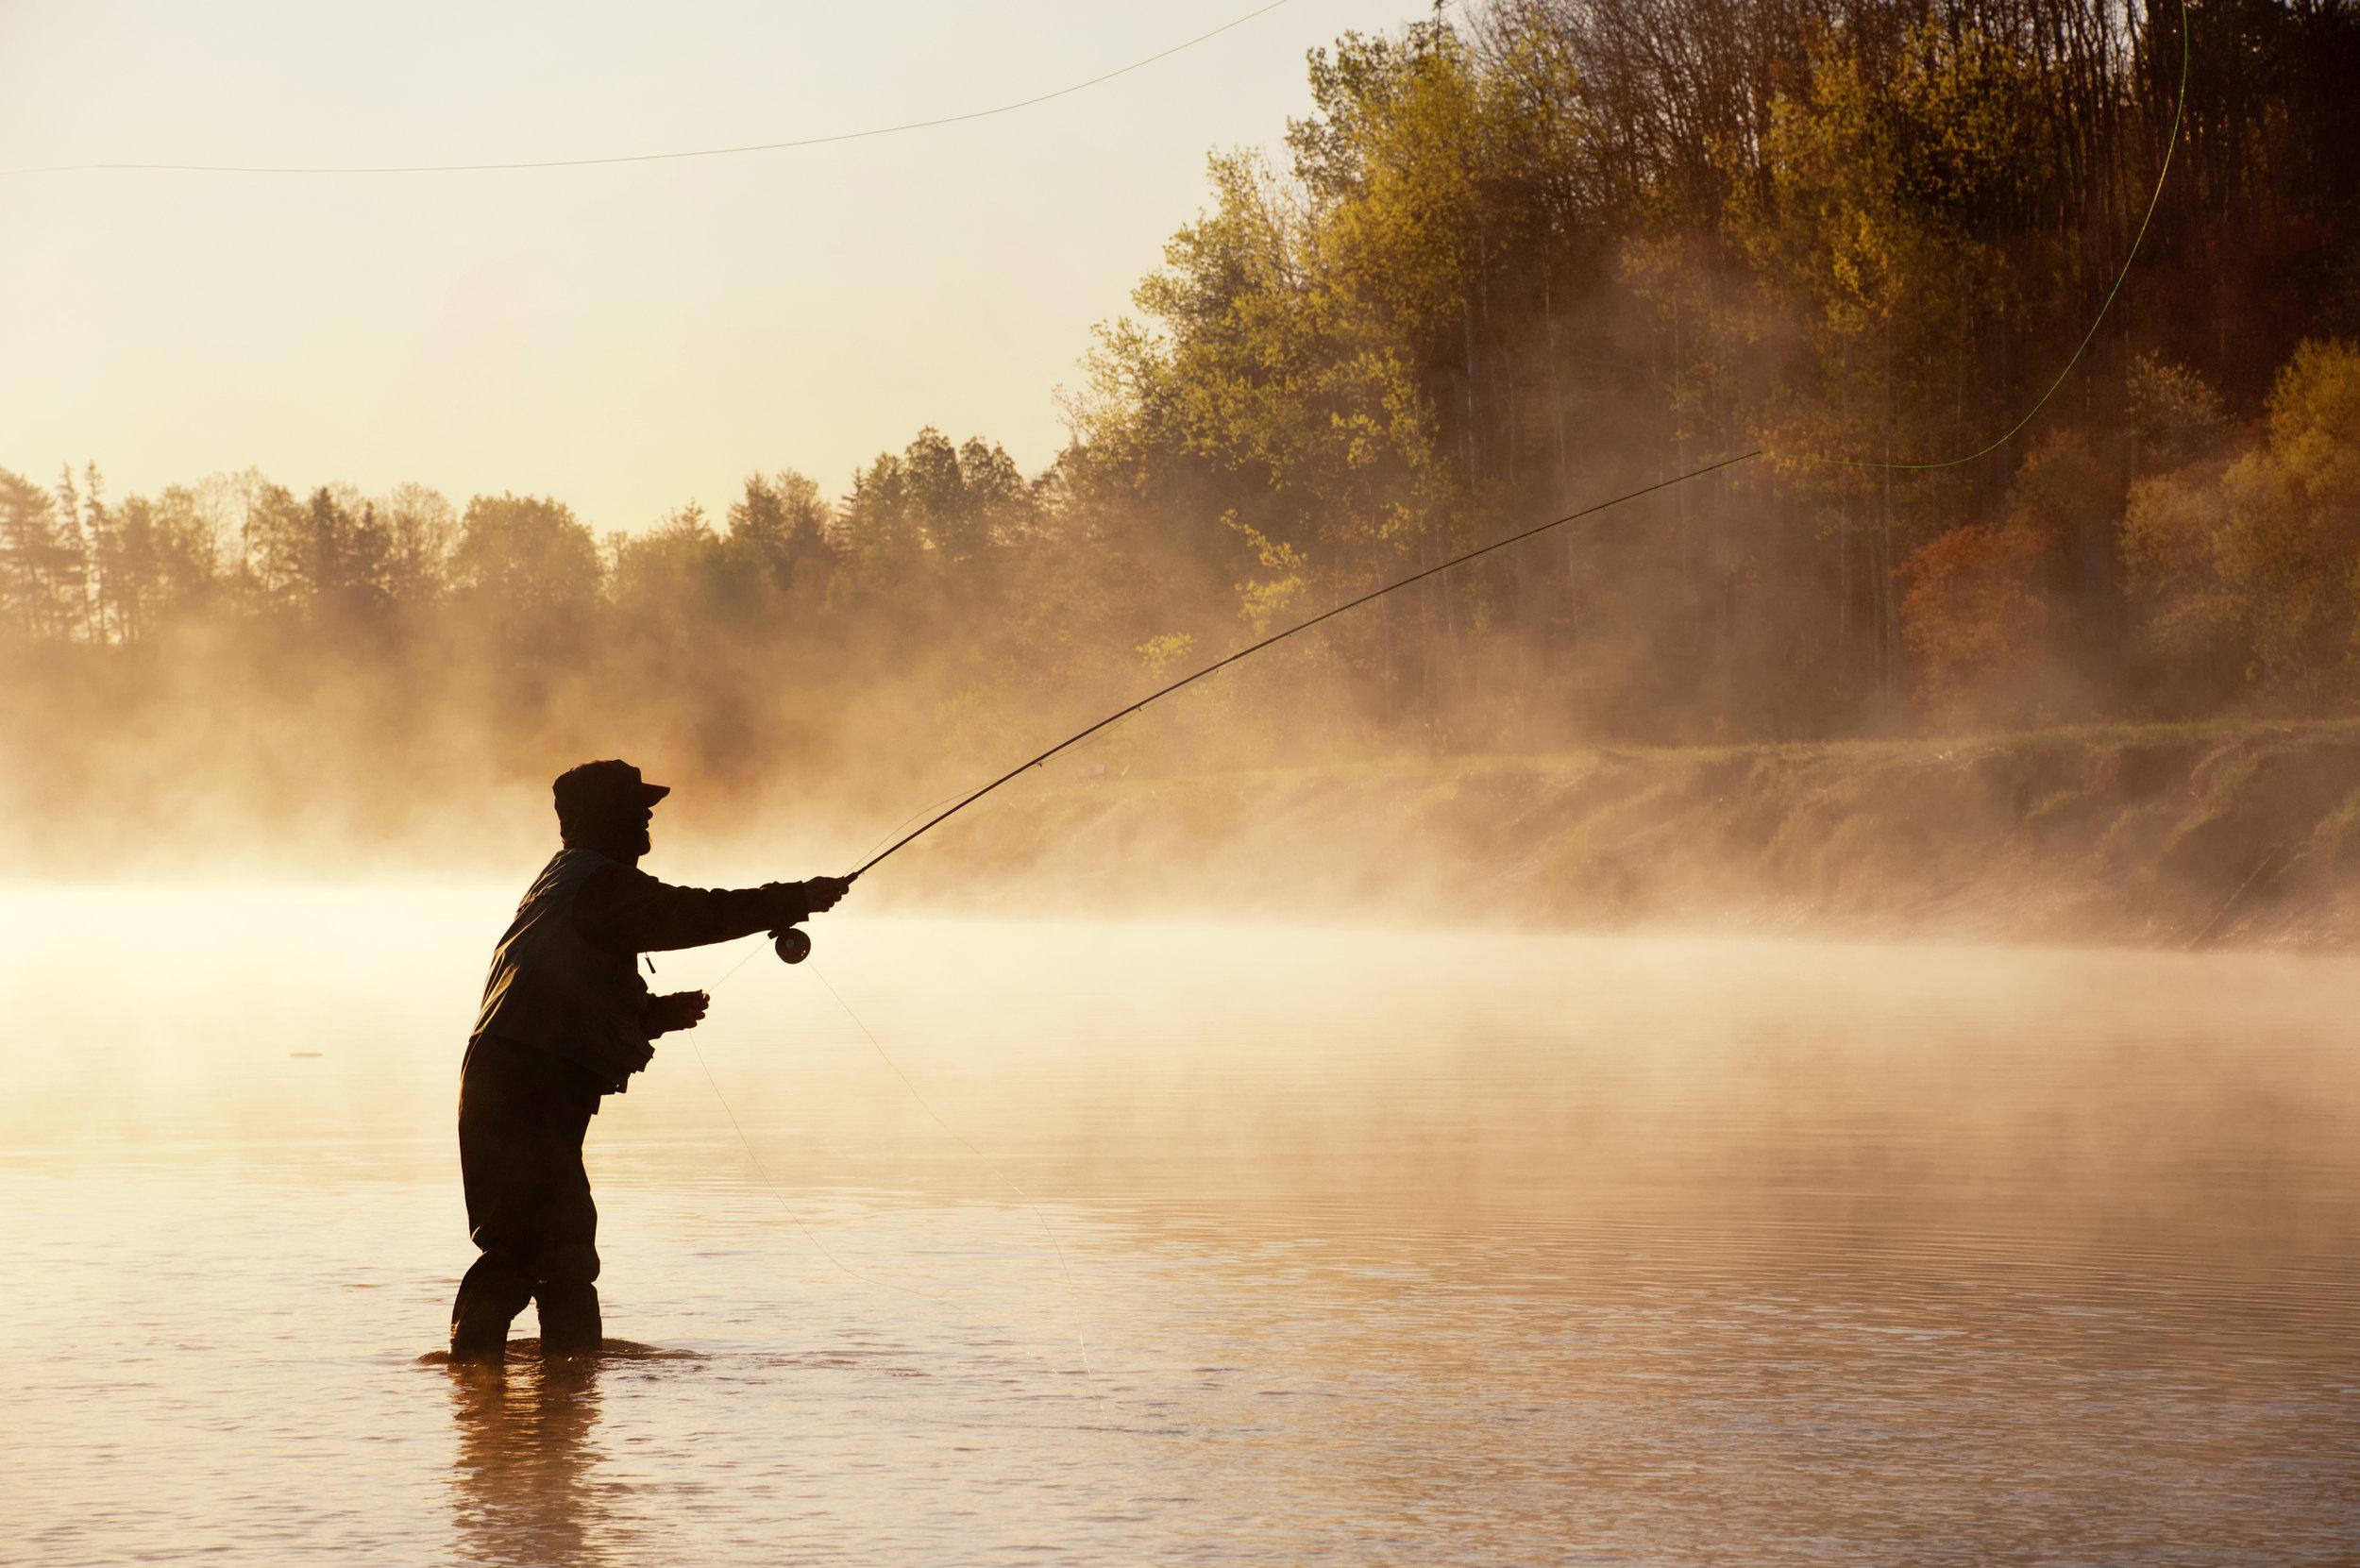 Fishing_iStock-464324531.jpg